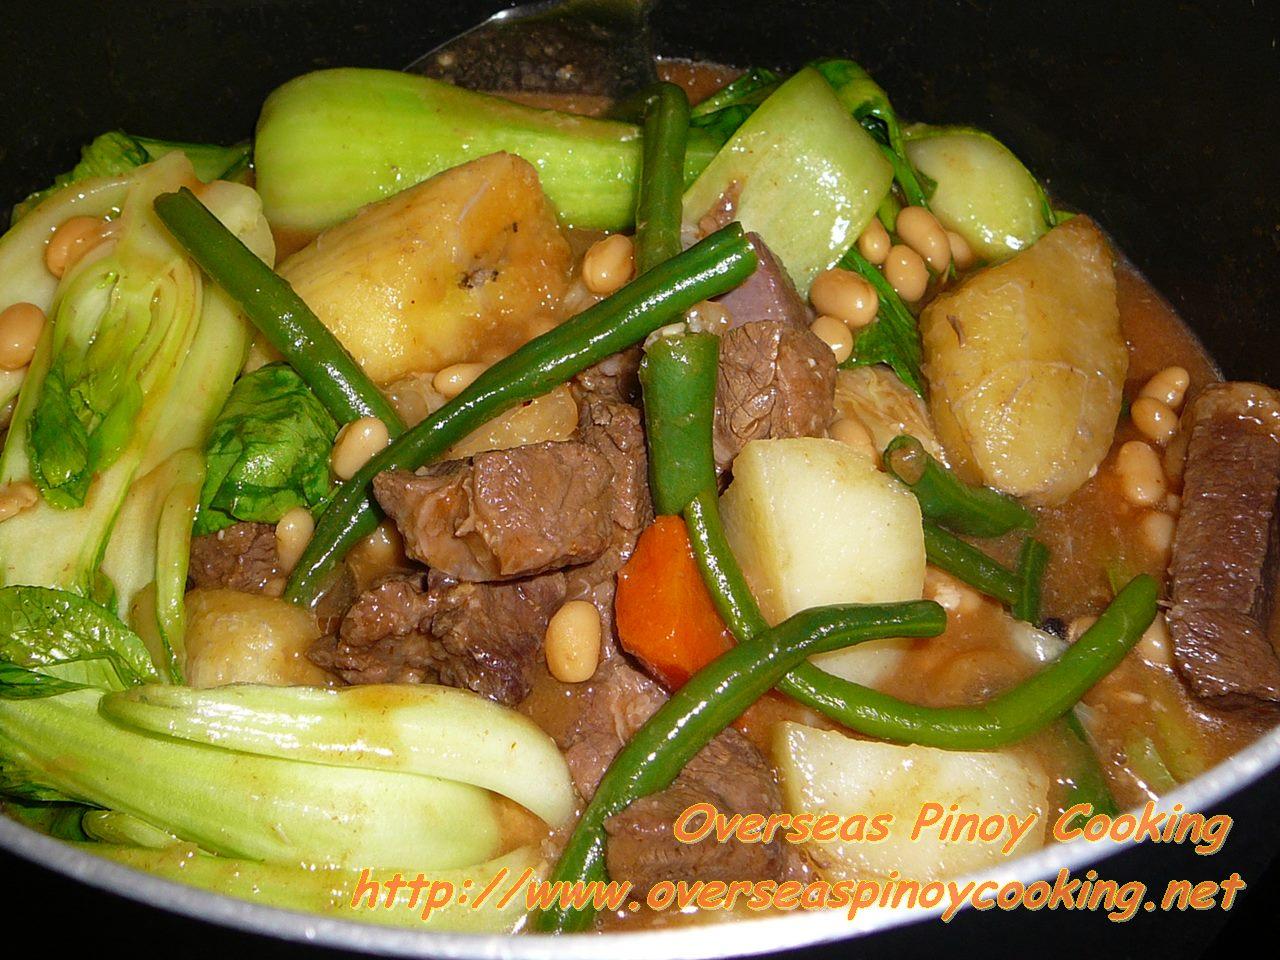 Sirloin Steak And Broccoli Recipes